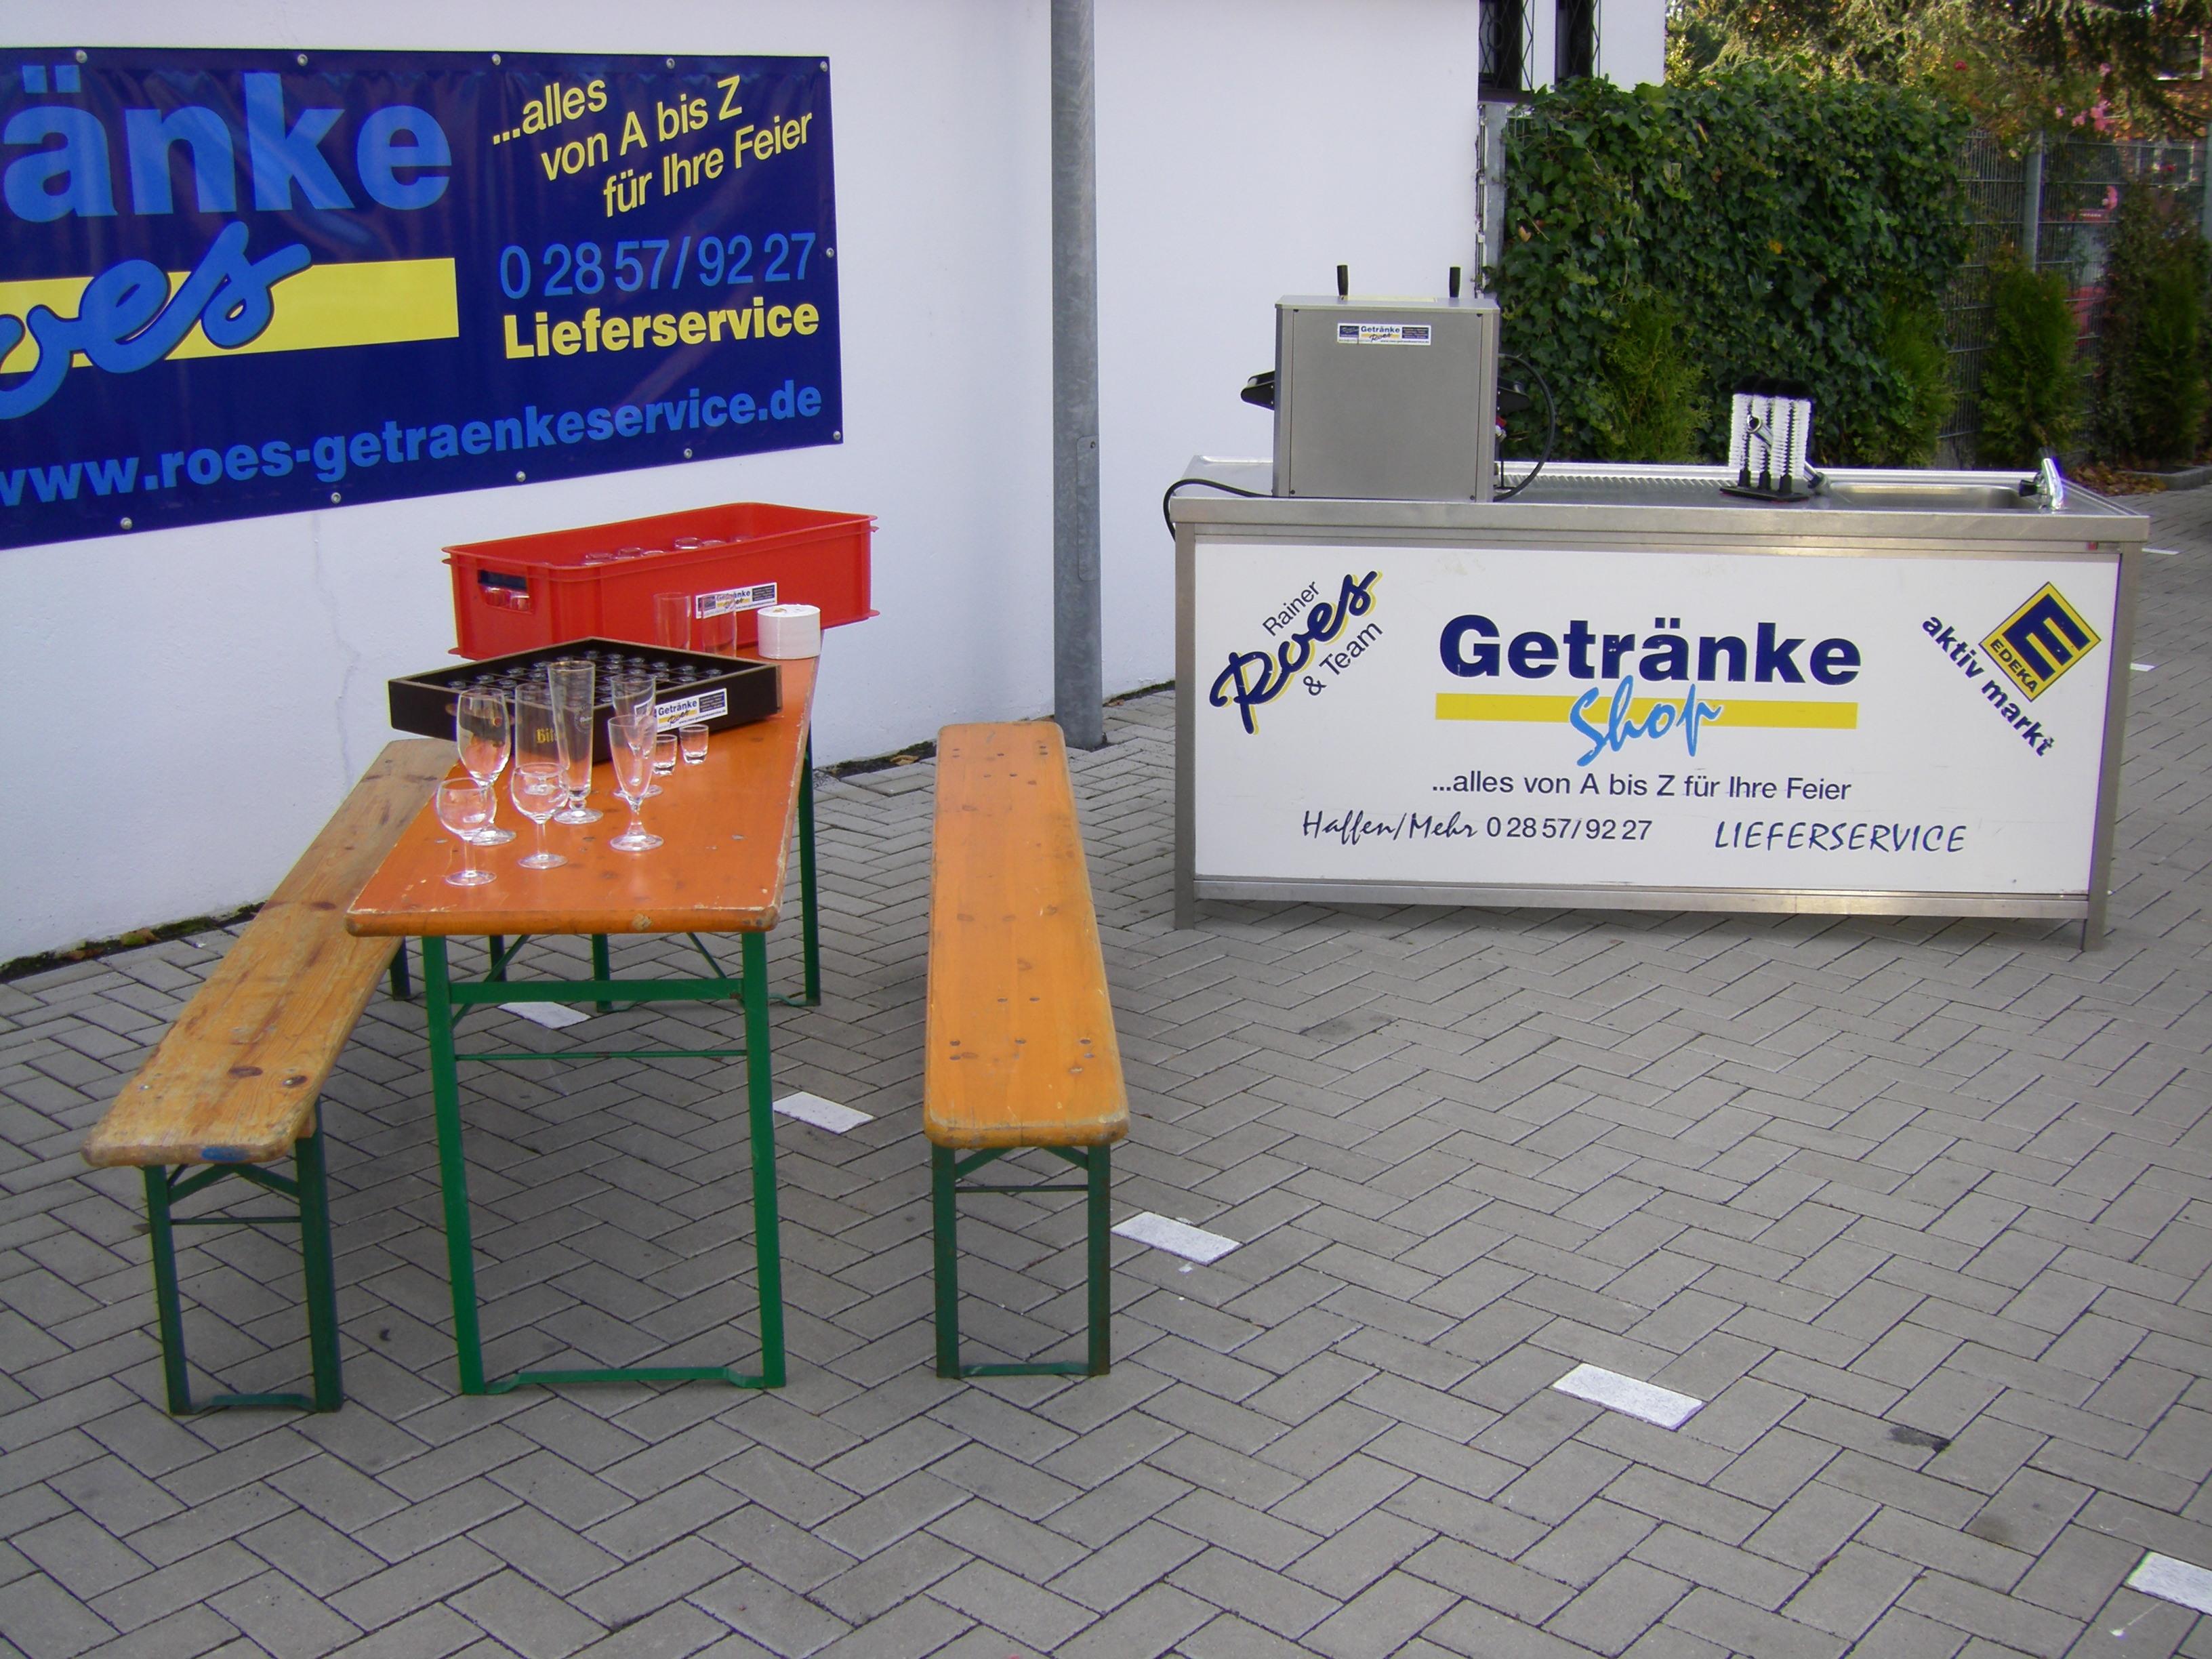 getränke_liefer_service_002